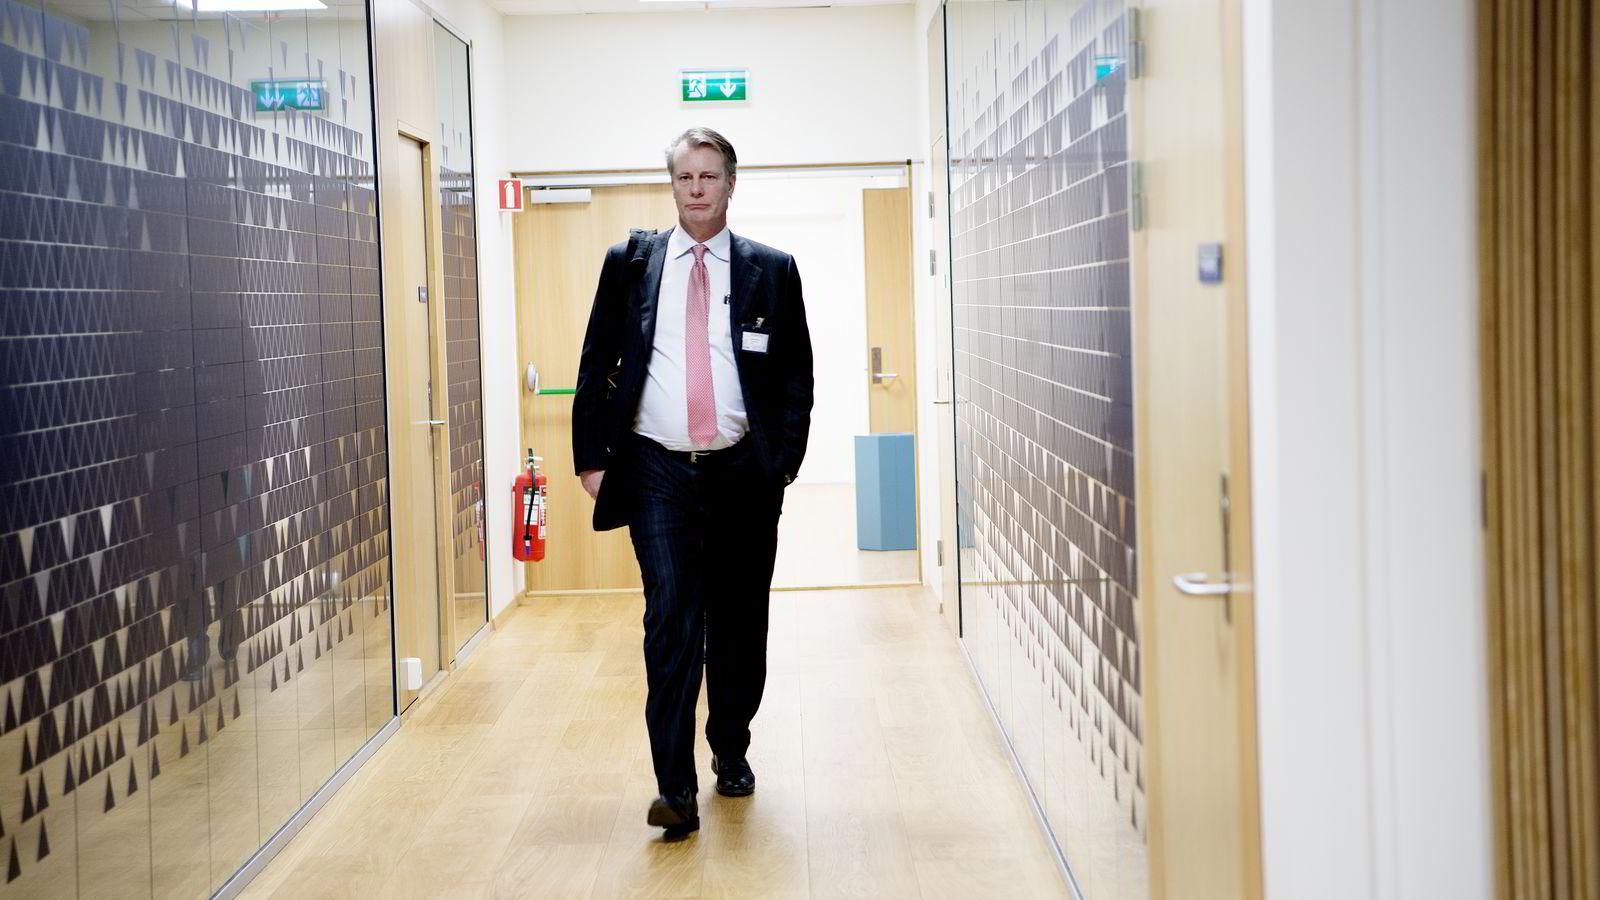 FORNØYD. - I dag når vi direkte nær fem millioner mennesker, sier Johan H. Andresen. Bildet er tatt i Oslo tidligere i år i forbindelse med et ministermøte om kapitalsituasjonen for næringslivet. FOTO: Mikaela Berg